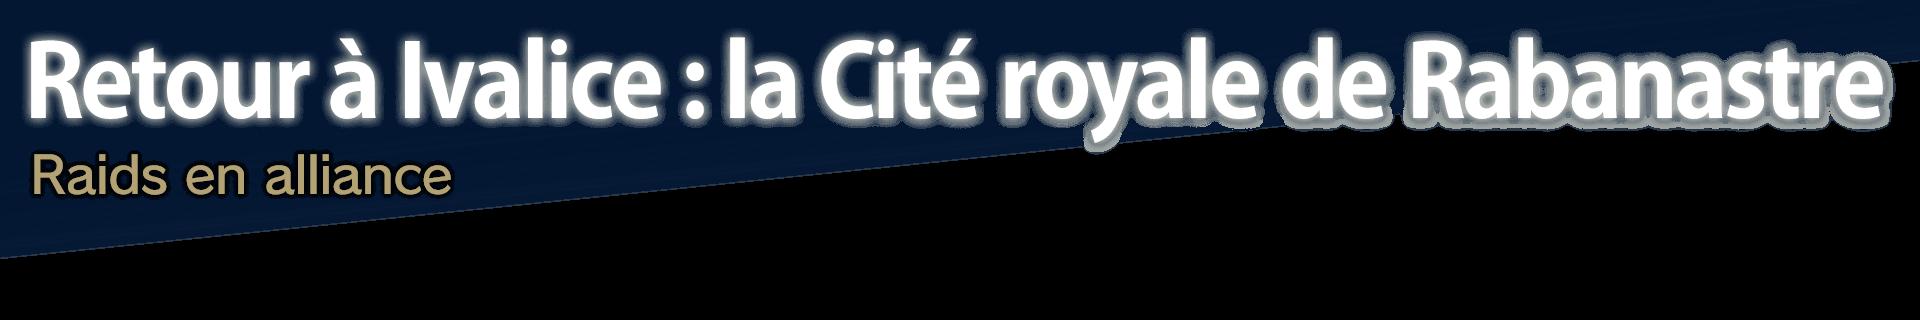 Retour à Ivalice : la Cité royale de Rabanastre Raids en alliance